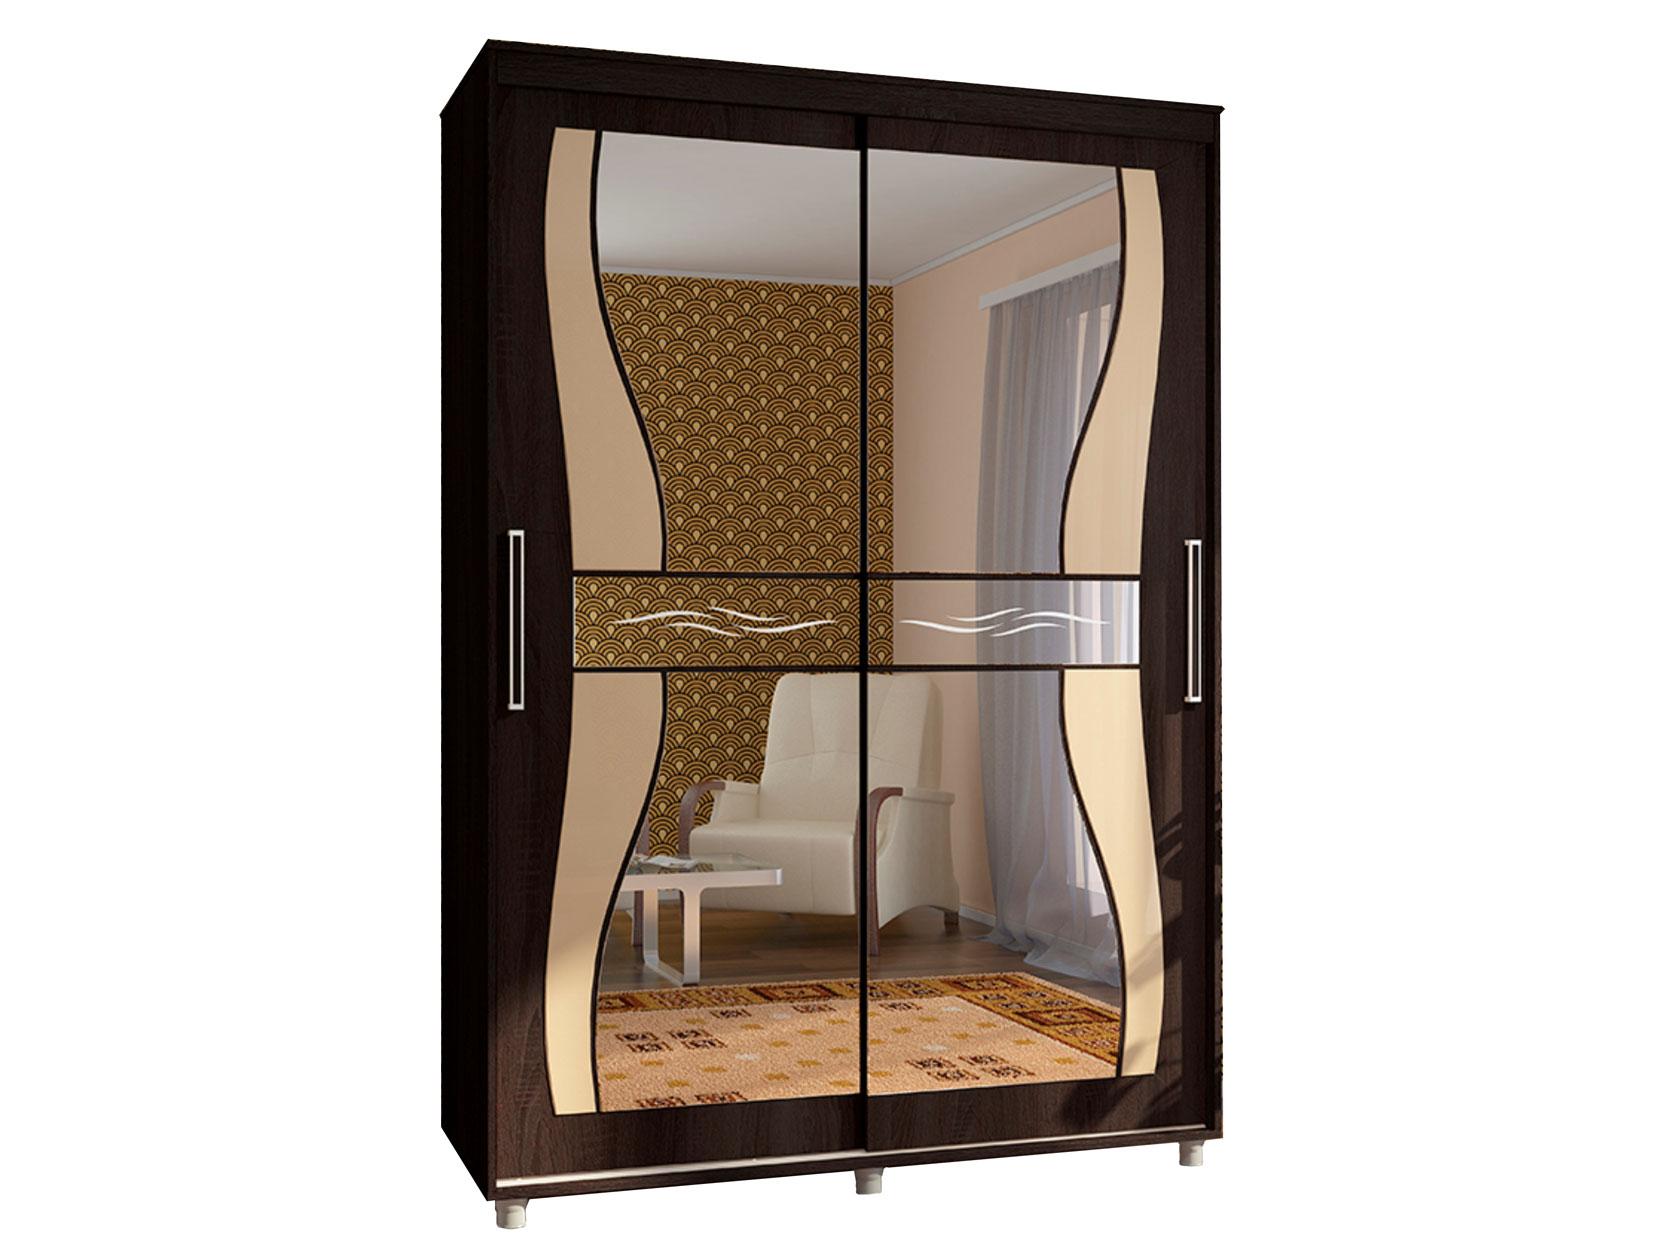 совсем понятно, фото шкафов купе в прихожую с зеркалами похода